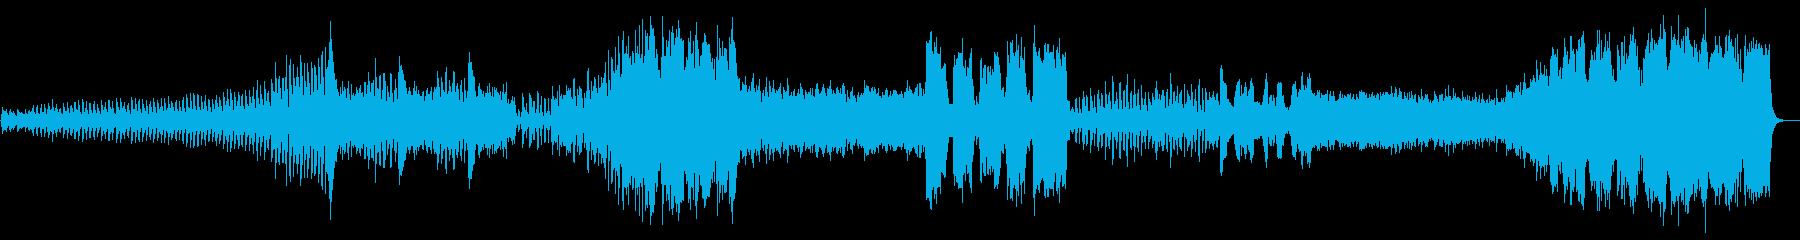 『冬』 第1楽章  「四季」よりの再生済みの波形